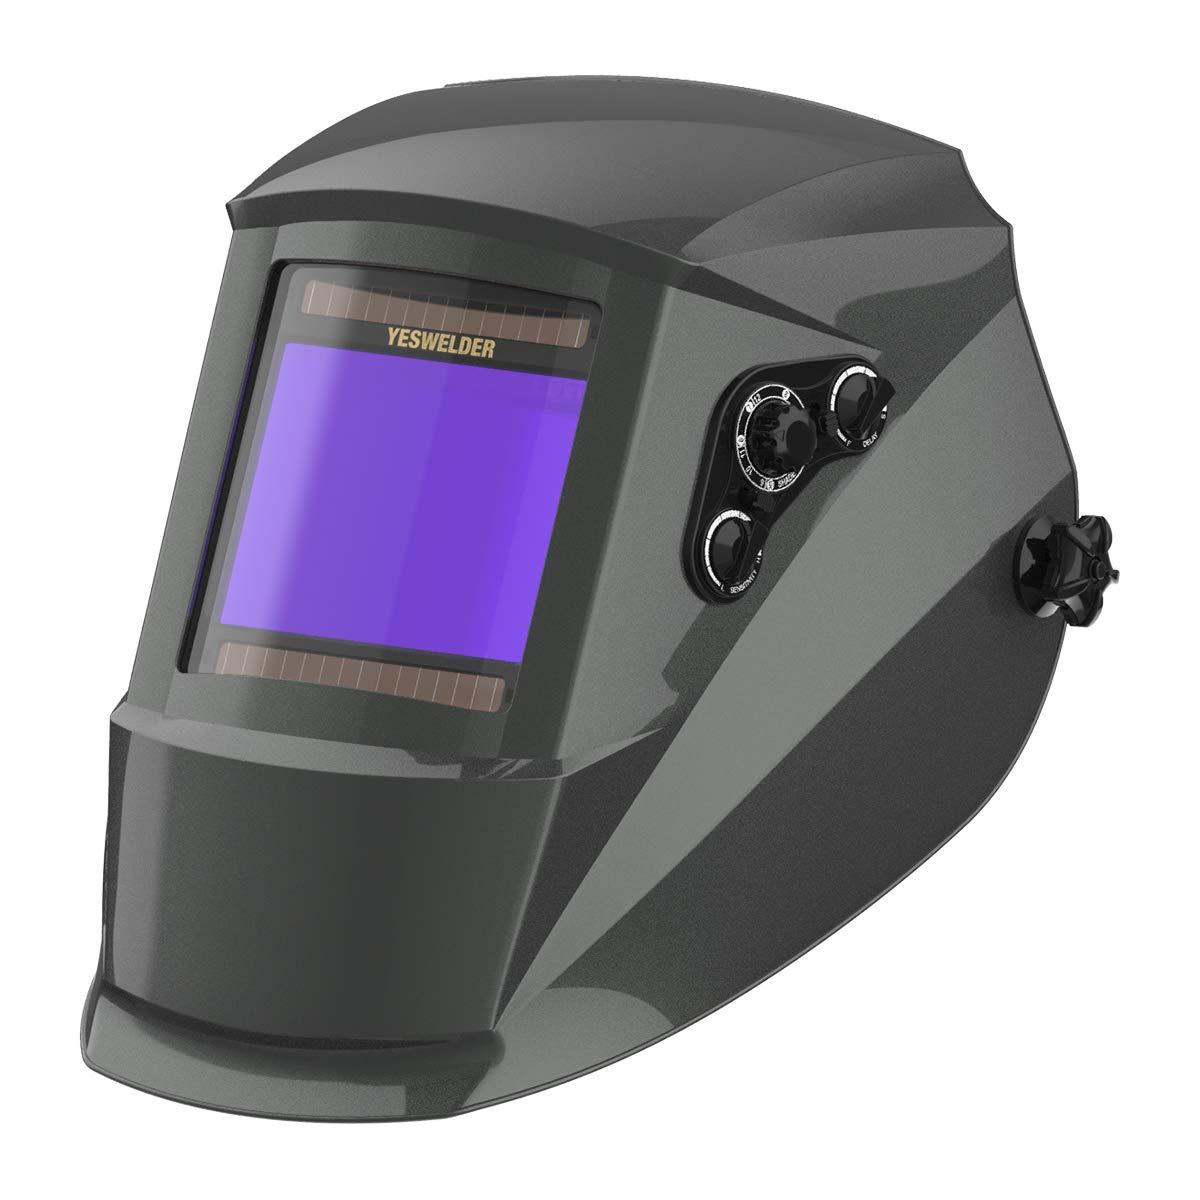 YESWELDER True Color Large Viewing Screen Solar Power Auto Darkening Welding Helmet, 4 Arc Sensor Wide Shade 4-5/9-13 for TIG MIG ARC Weld Grinding Welder Mask Welding Hood